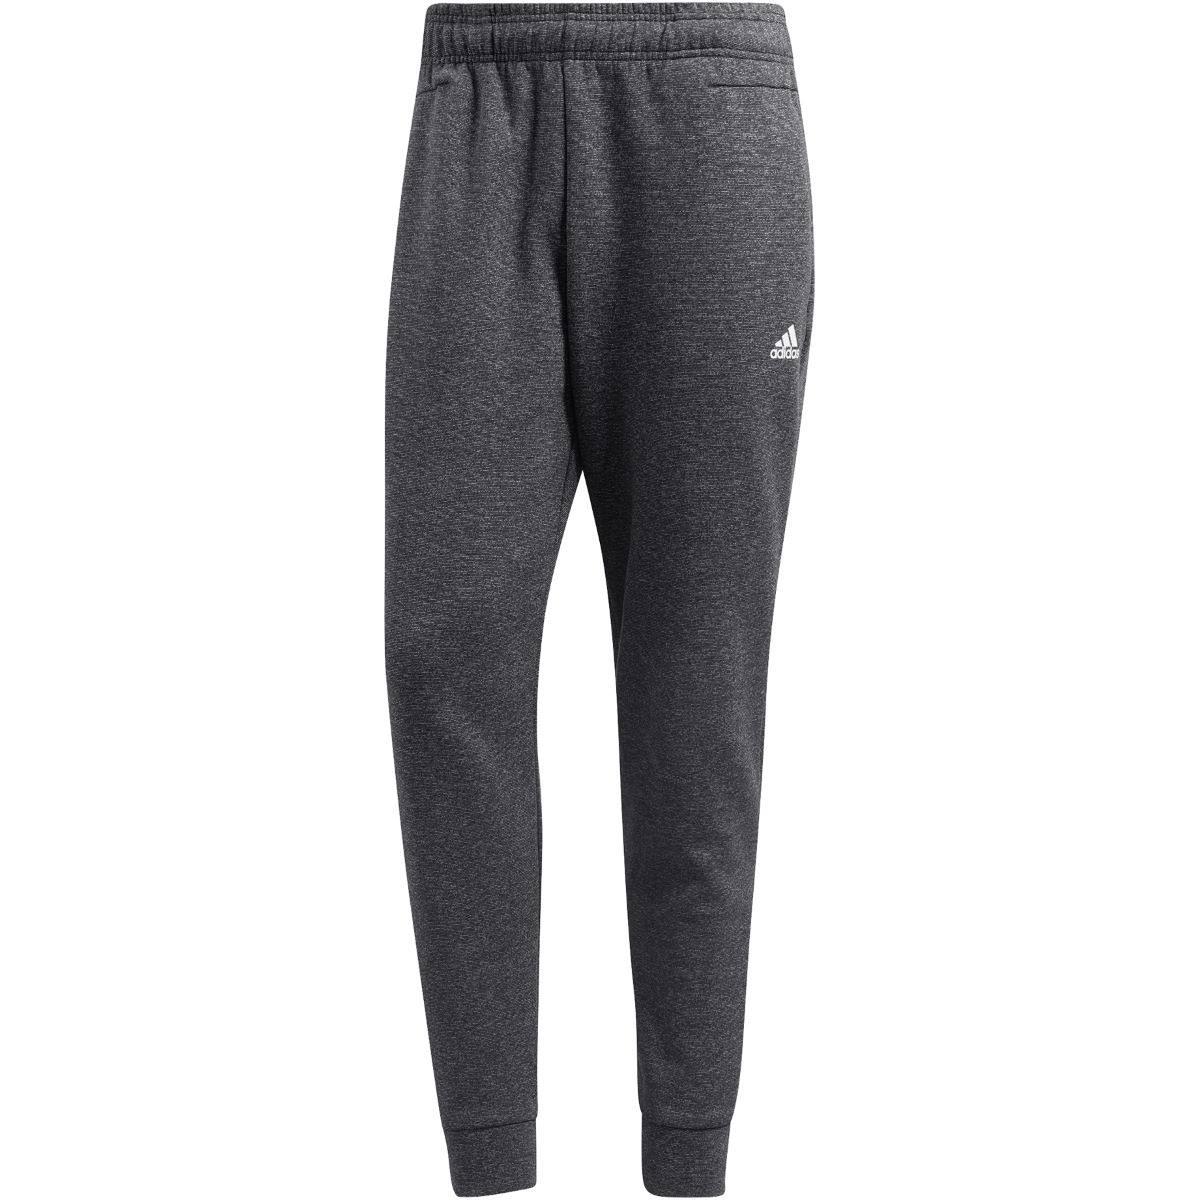 Htr Men's Pant Large Adidas Stadium Id black Sweatpants 6qRBaa